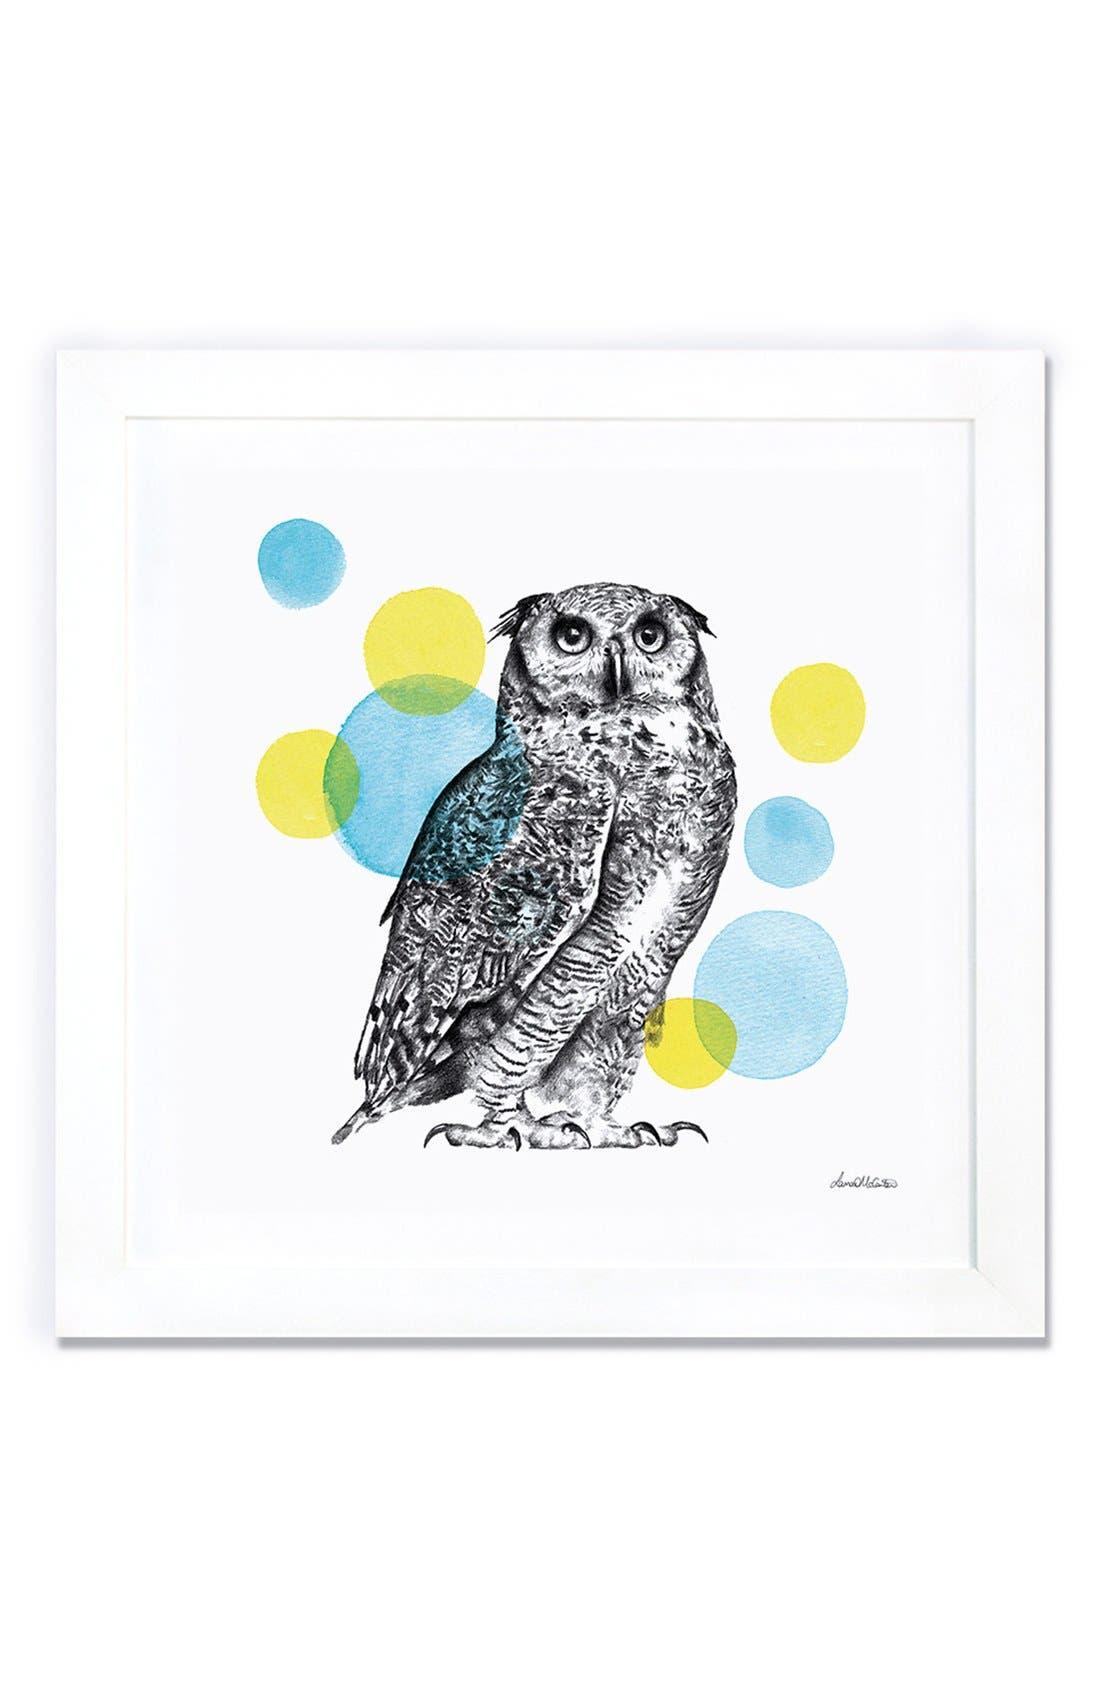 Alternate Image 1 Selected - iCanvas 'Sketchbook - Owl' Giclée Print Framed Canvas Art